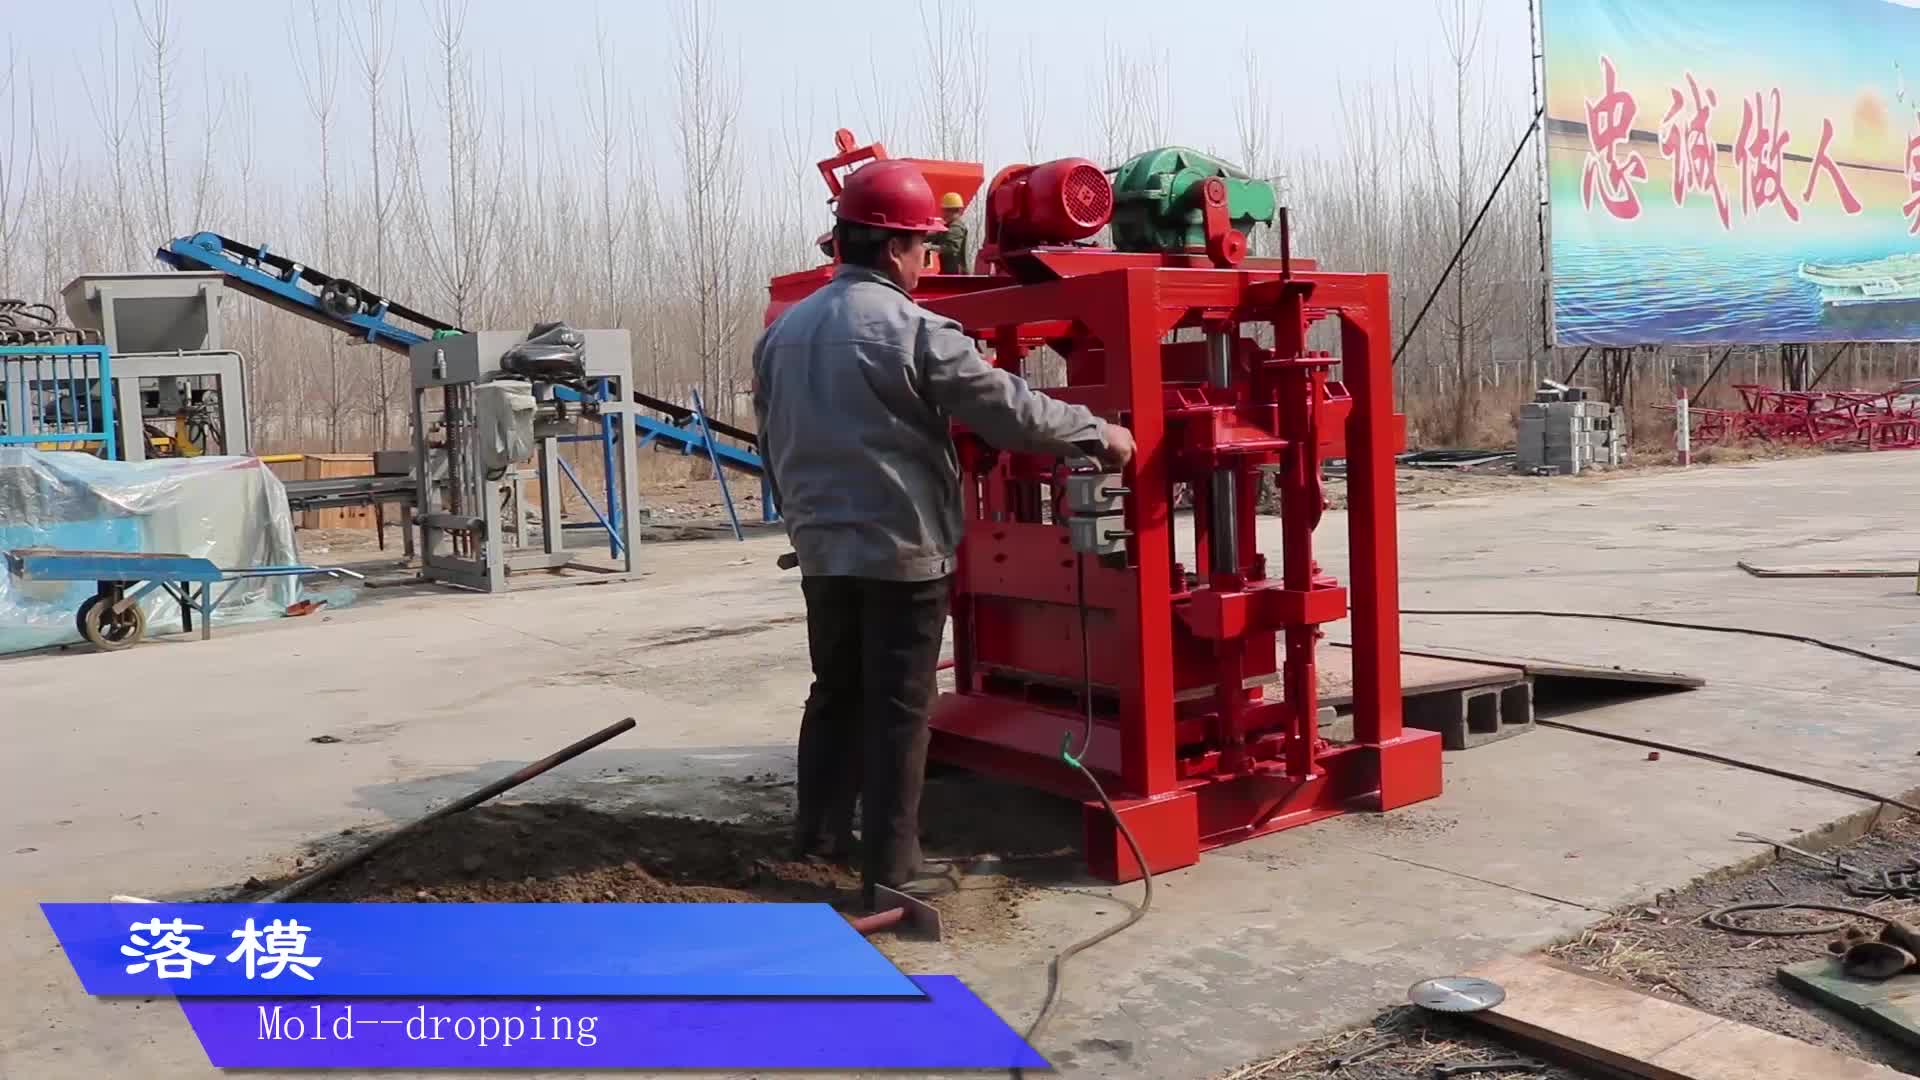 Hongfa QTJ4-40B2 ब्लॉक बनाने की मशीन फ़र्श मैनुअल इंटरलॉकिंग ईंट बनाने की मशीन